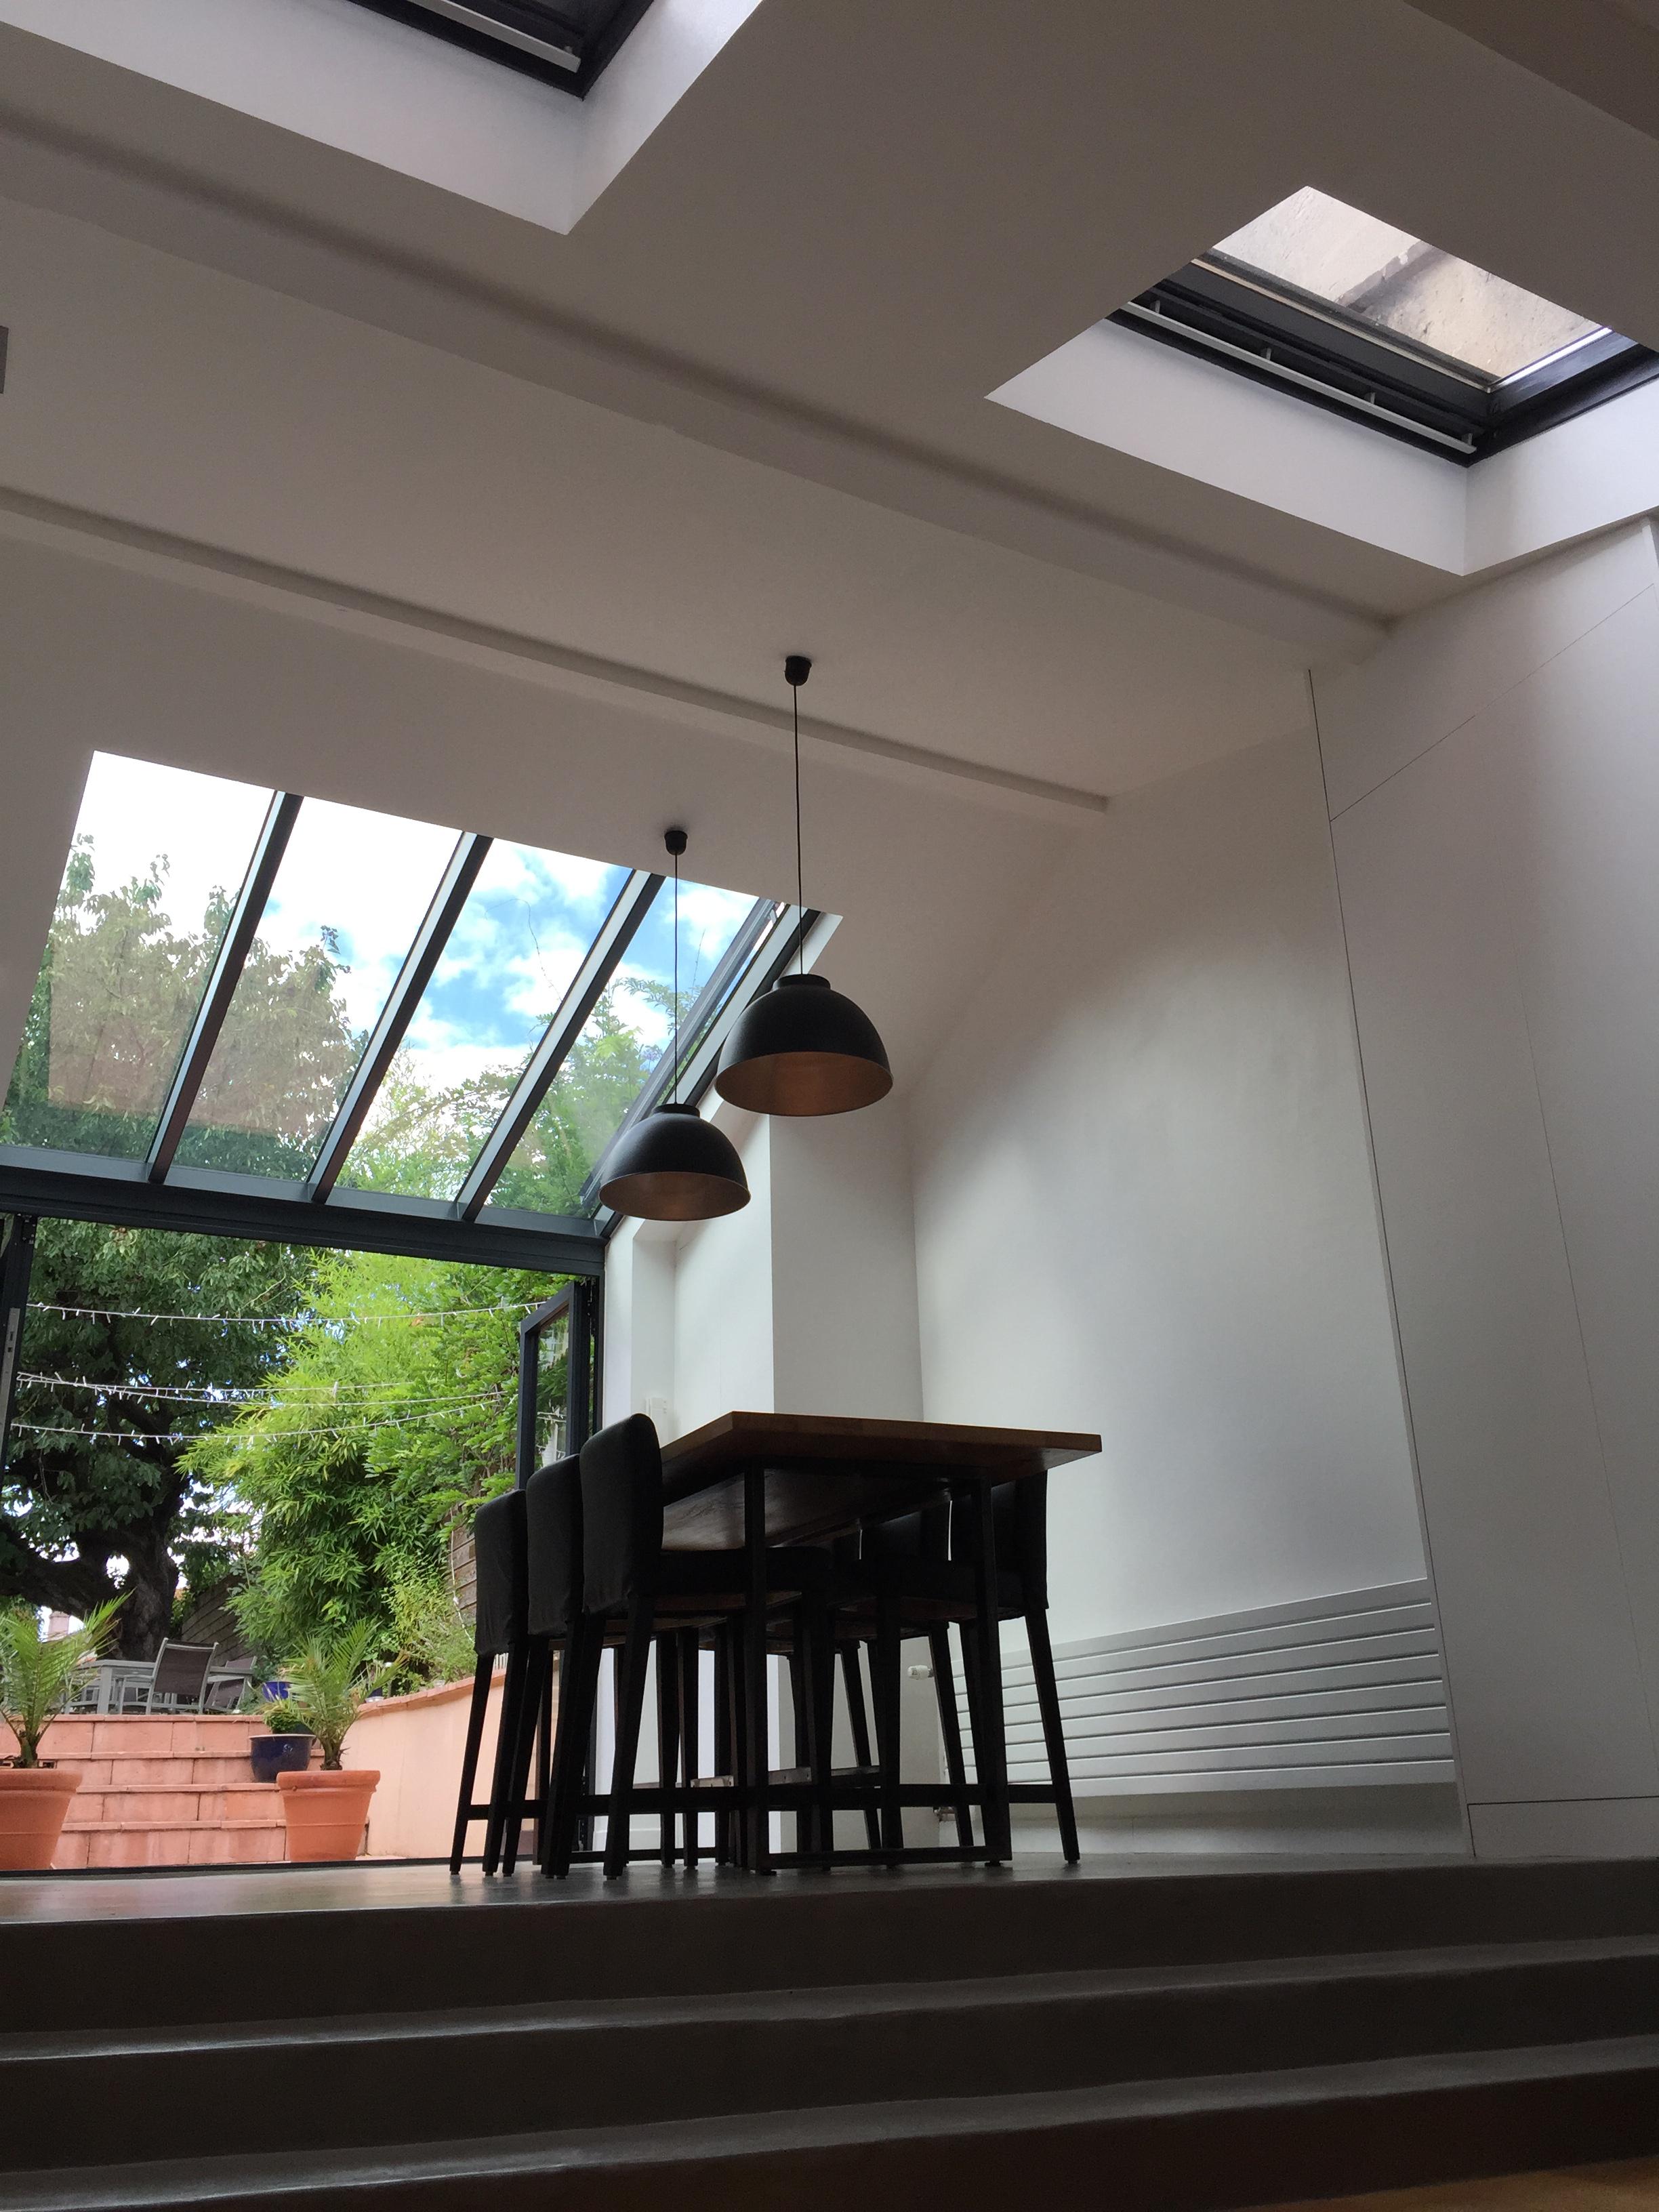 Architecte toulouse maison toulouse loft en container for Architecte maison toulouse